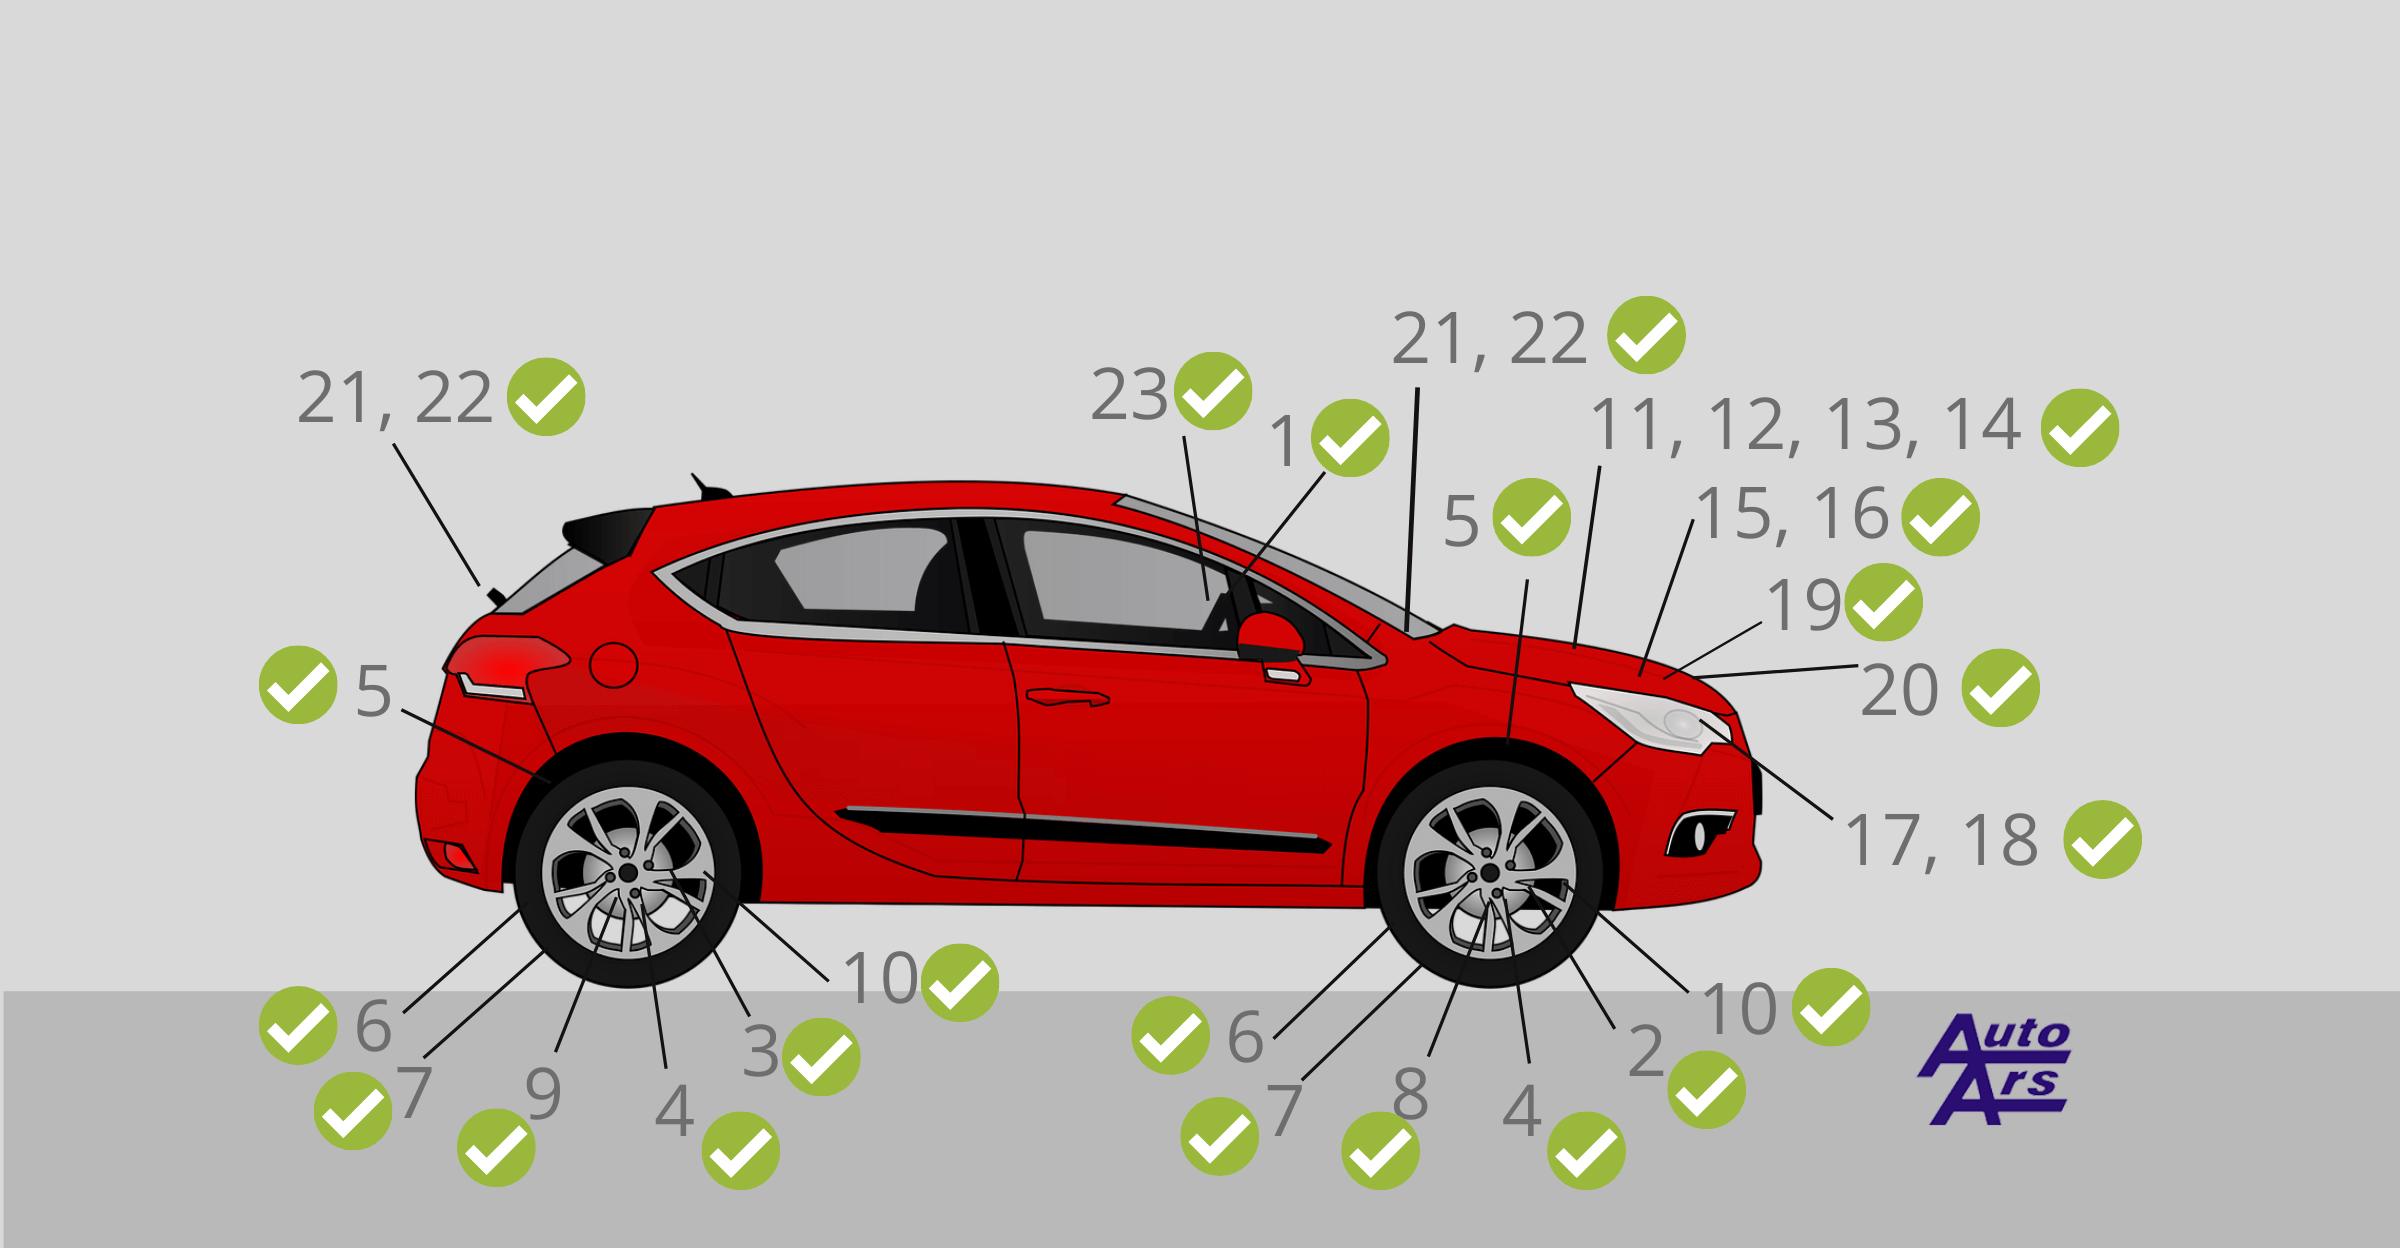 Sprawdź auto przed wyjazdem na wakacje. Kontrola 23 punktów stanu technicznego auta tylko 99 zł!